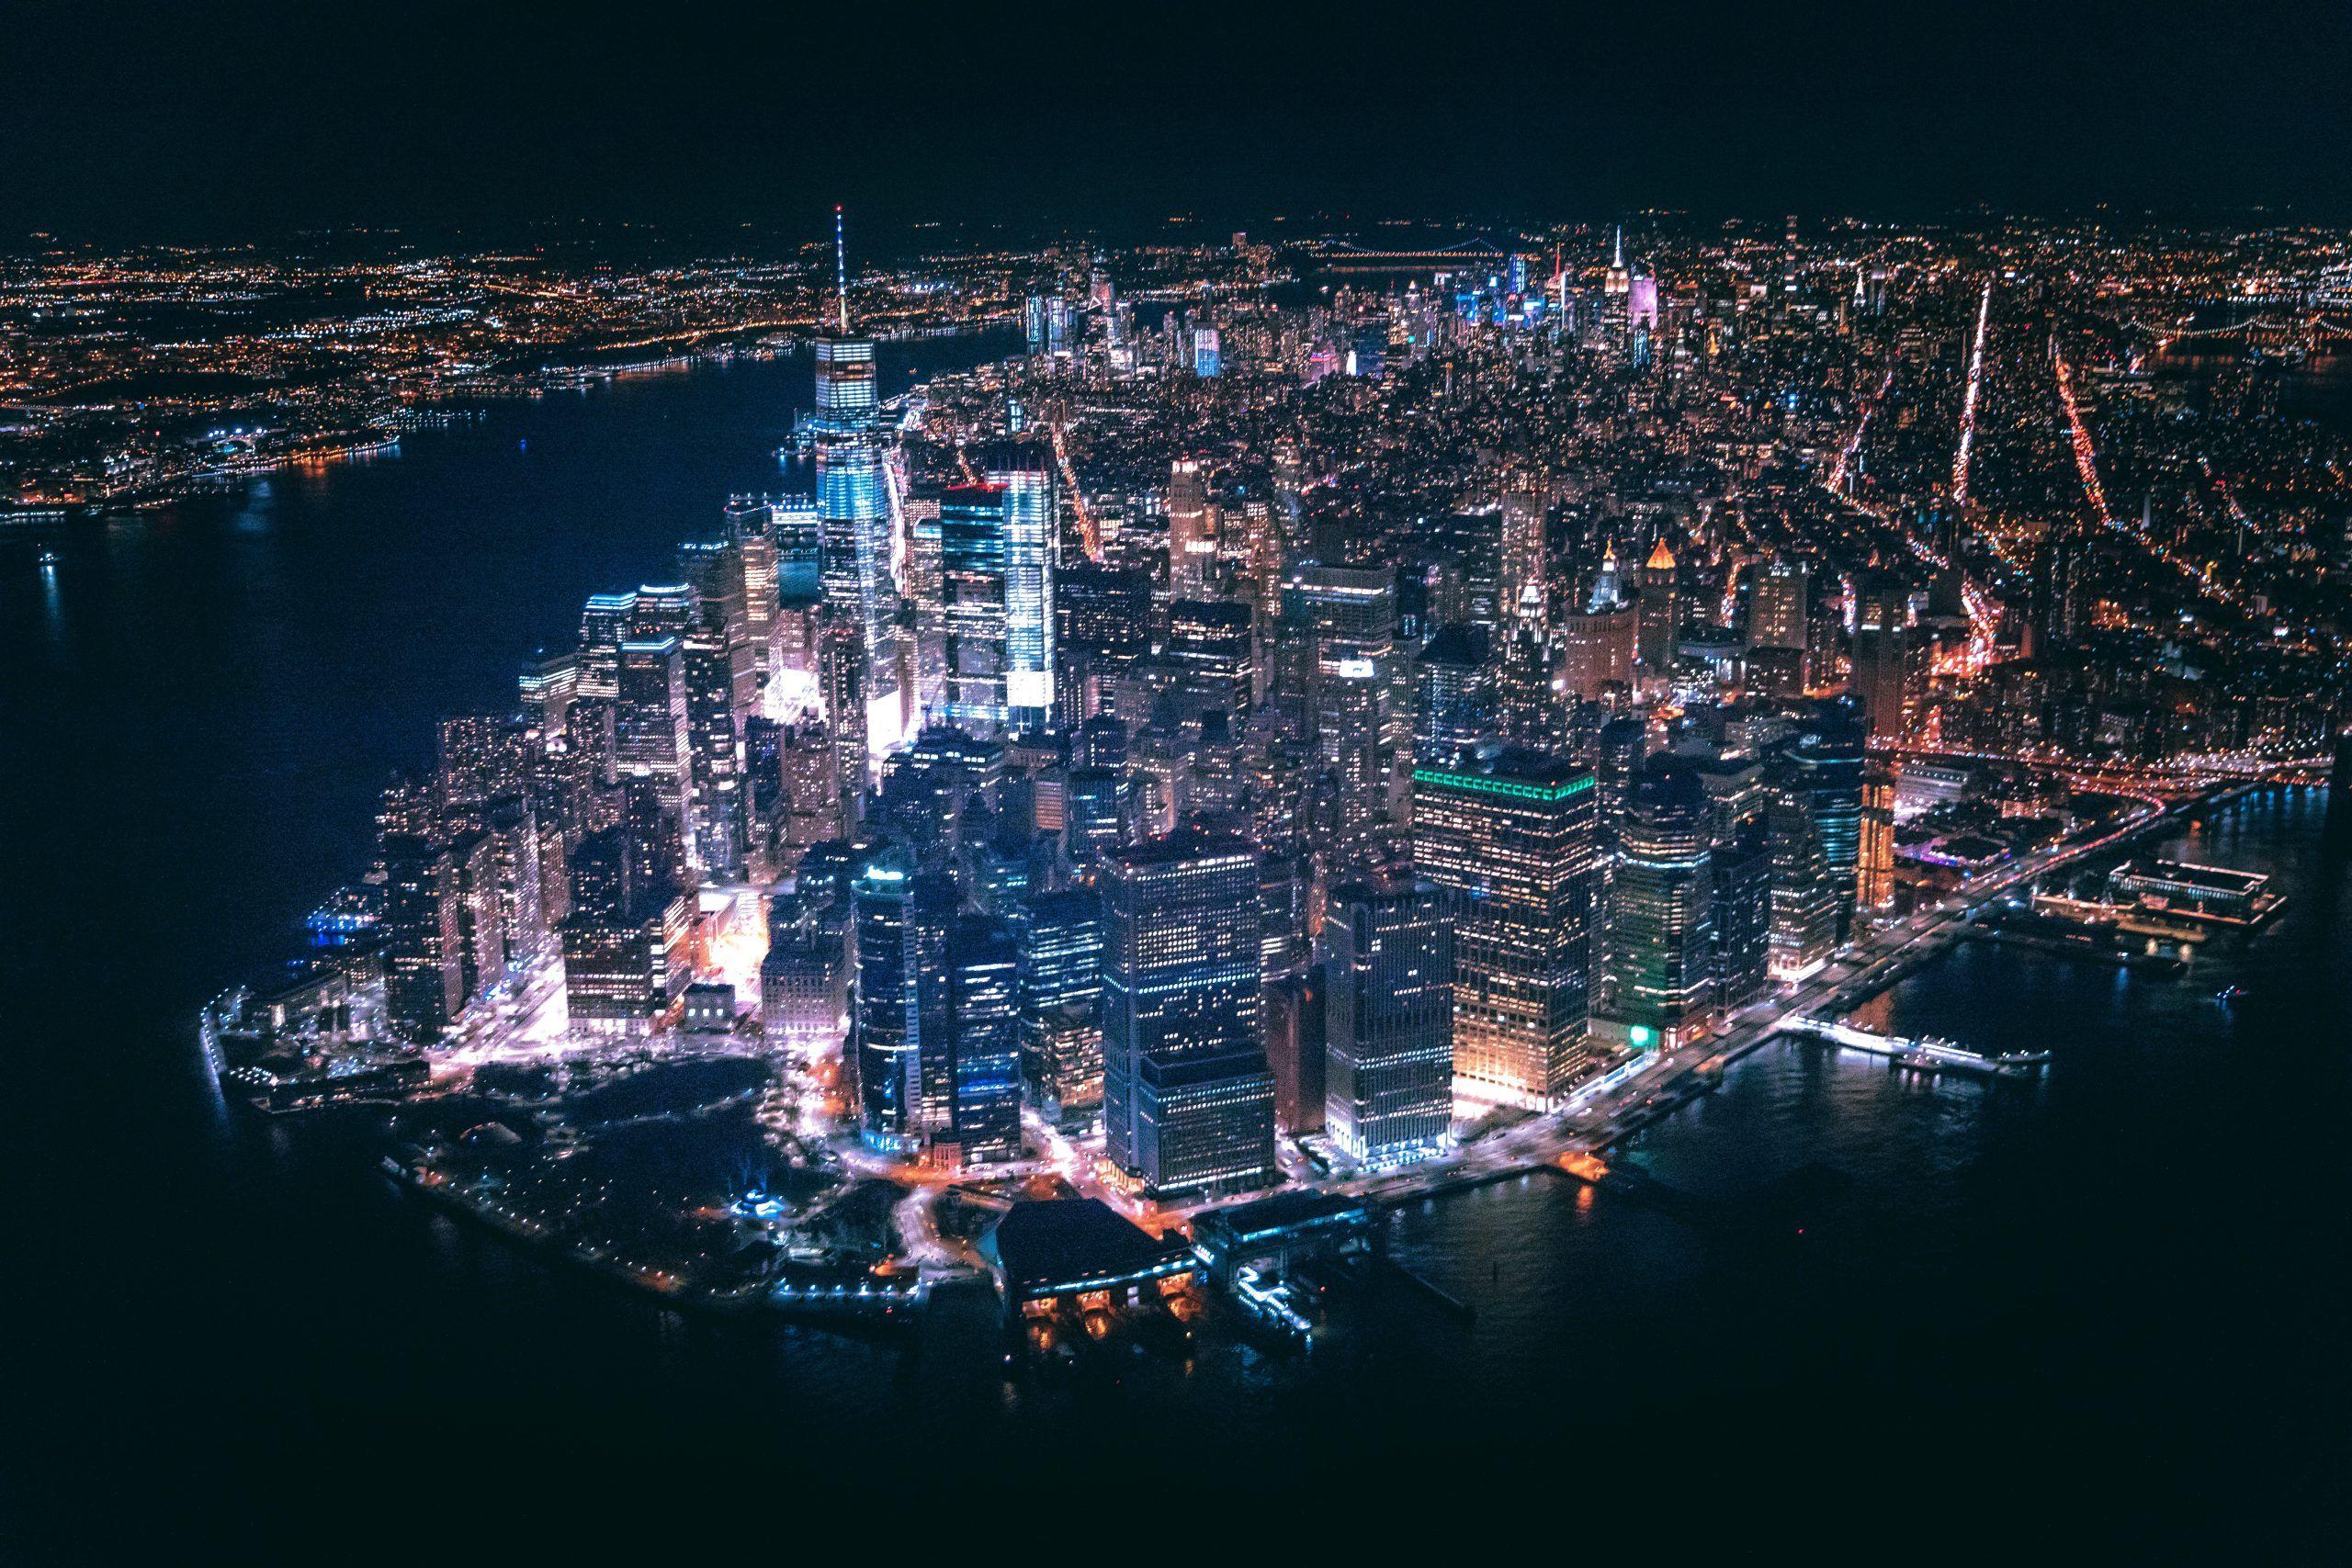 Vista nocturna de Nueva York desde un tour en helicóptero